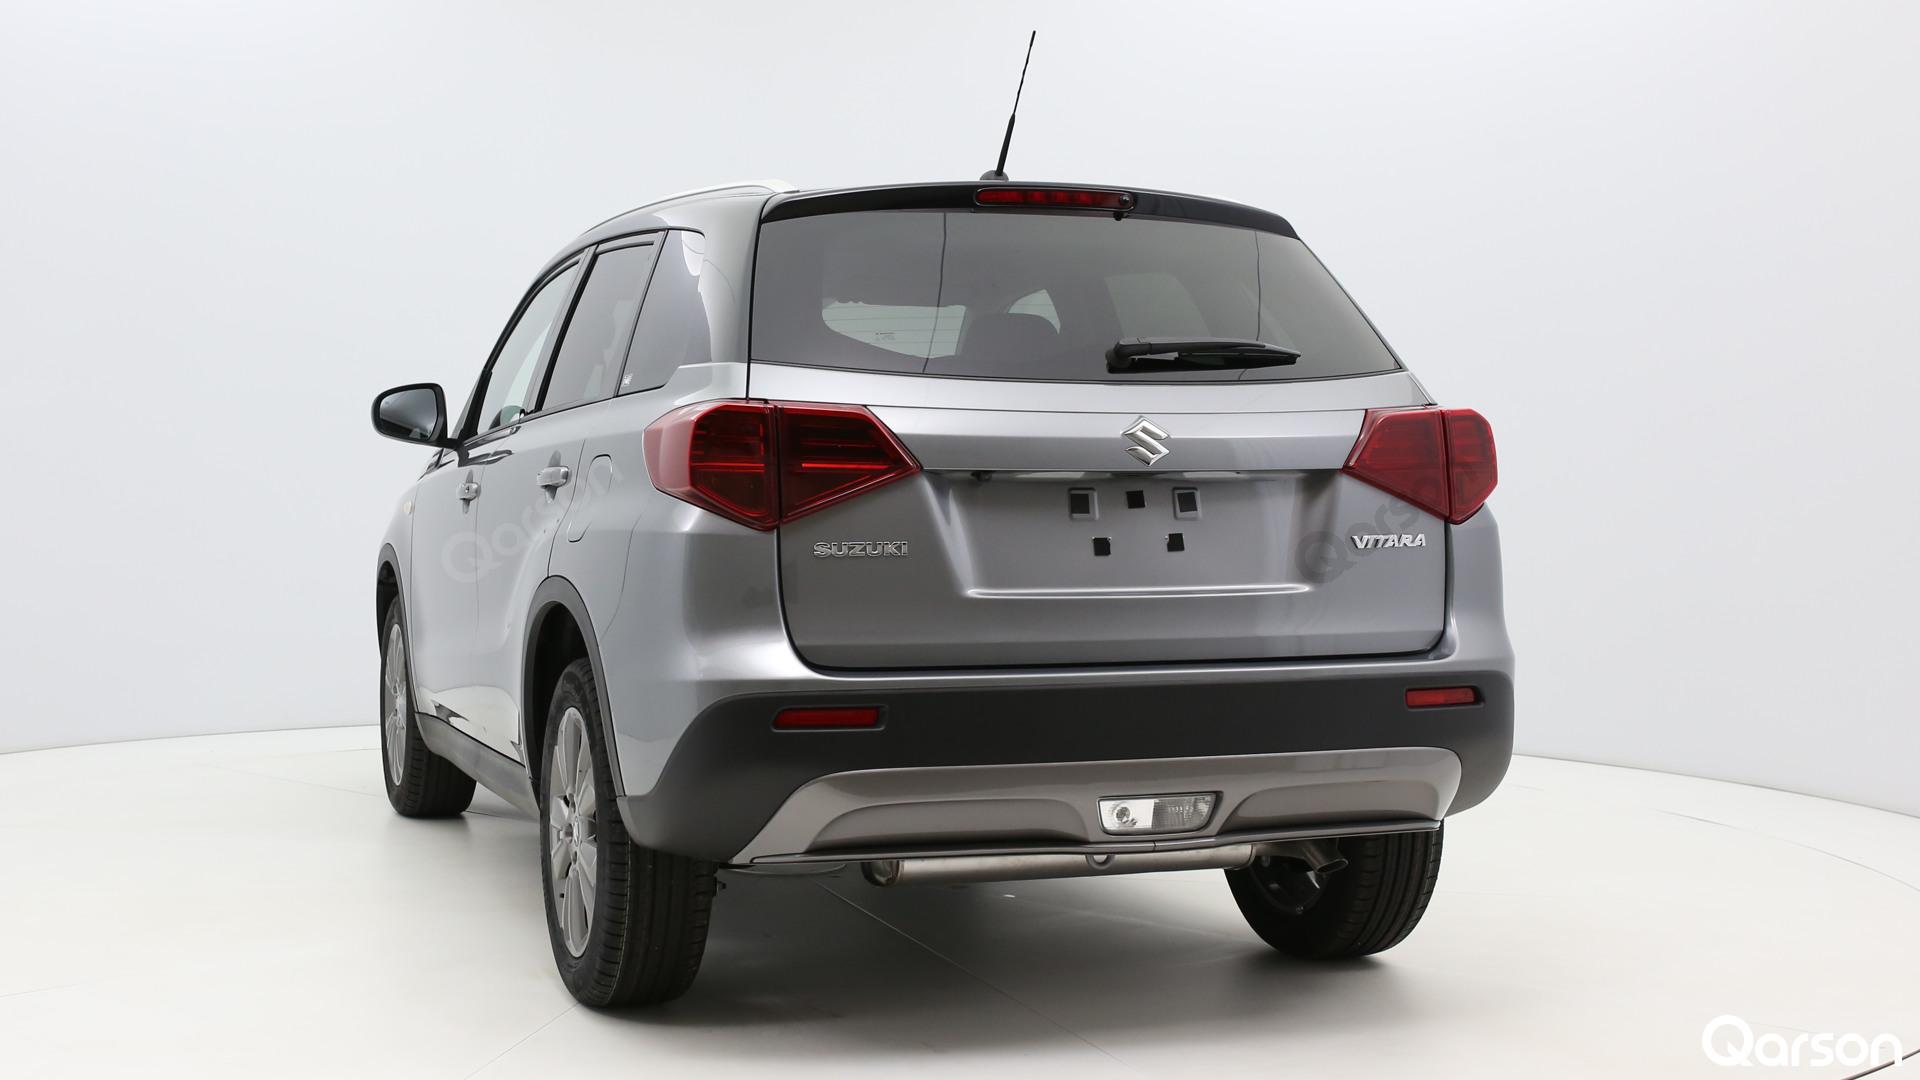 Suzuki Vitara Facelift Widok auta z tyłu z lewej strony pod kątem 150 stopni